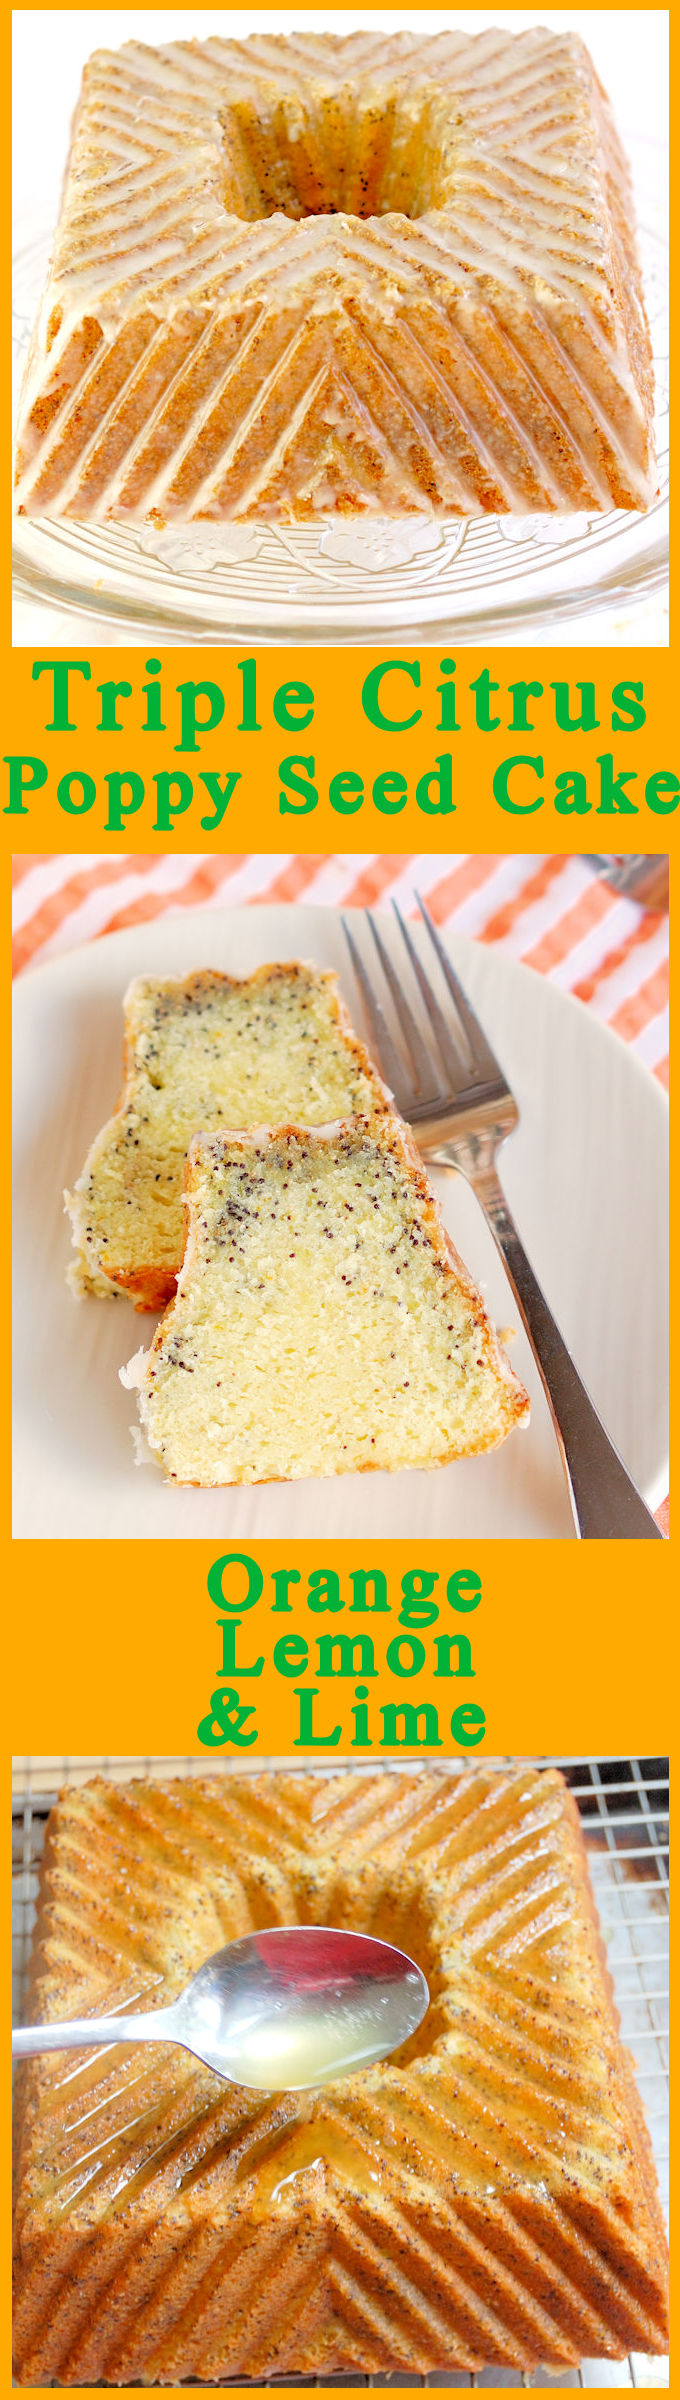 Gray Cake Platter >> Triple Citrus Poppy Seed Cake - Baking Sense